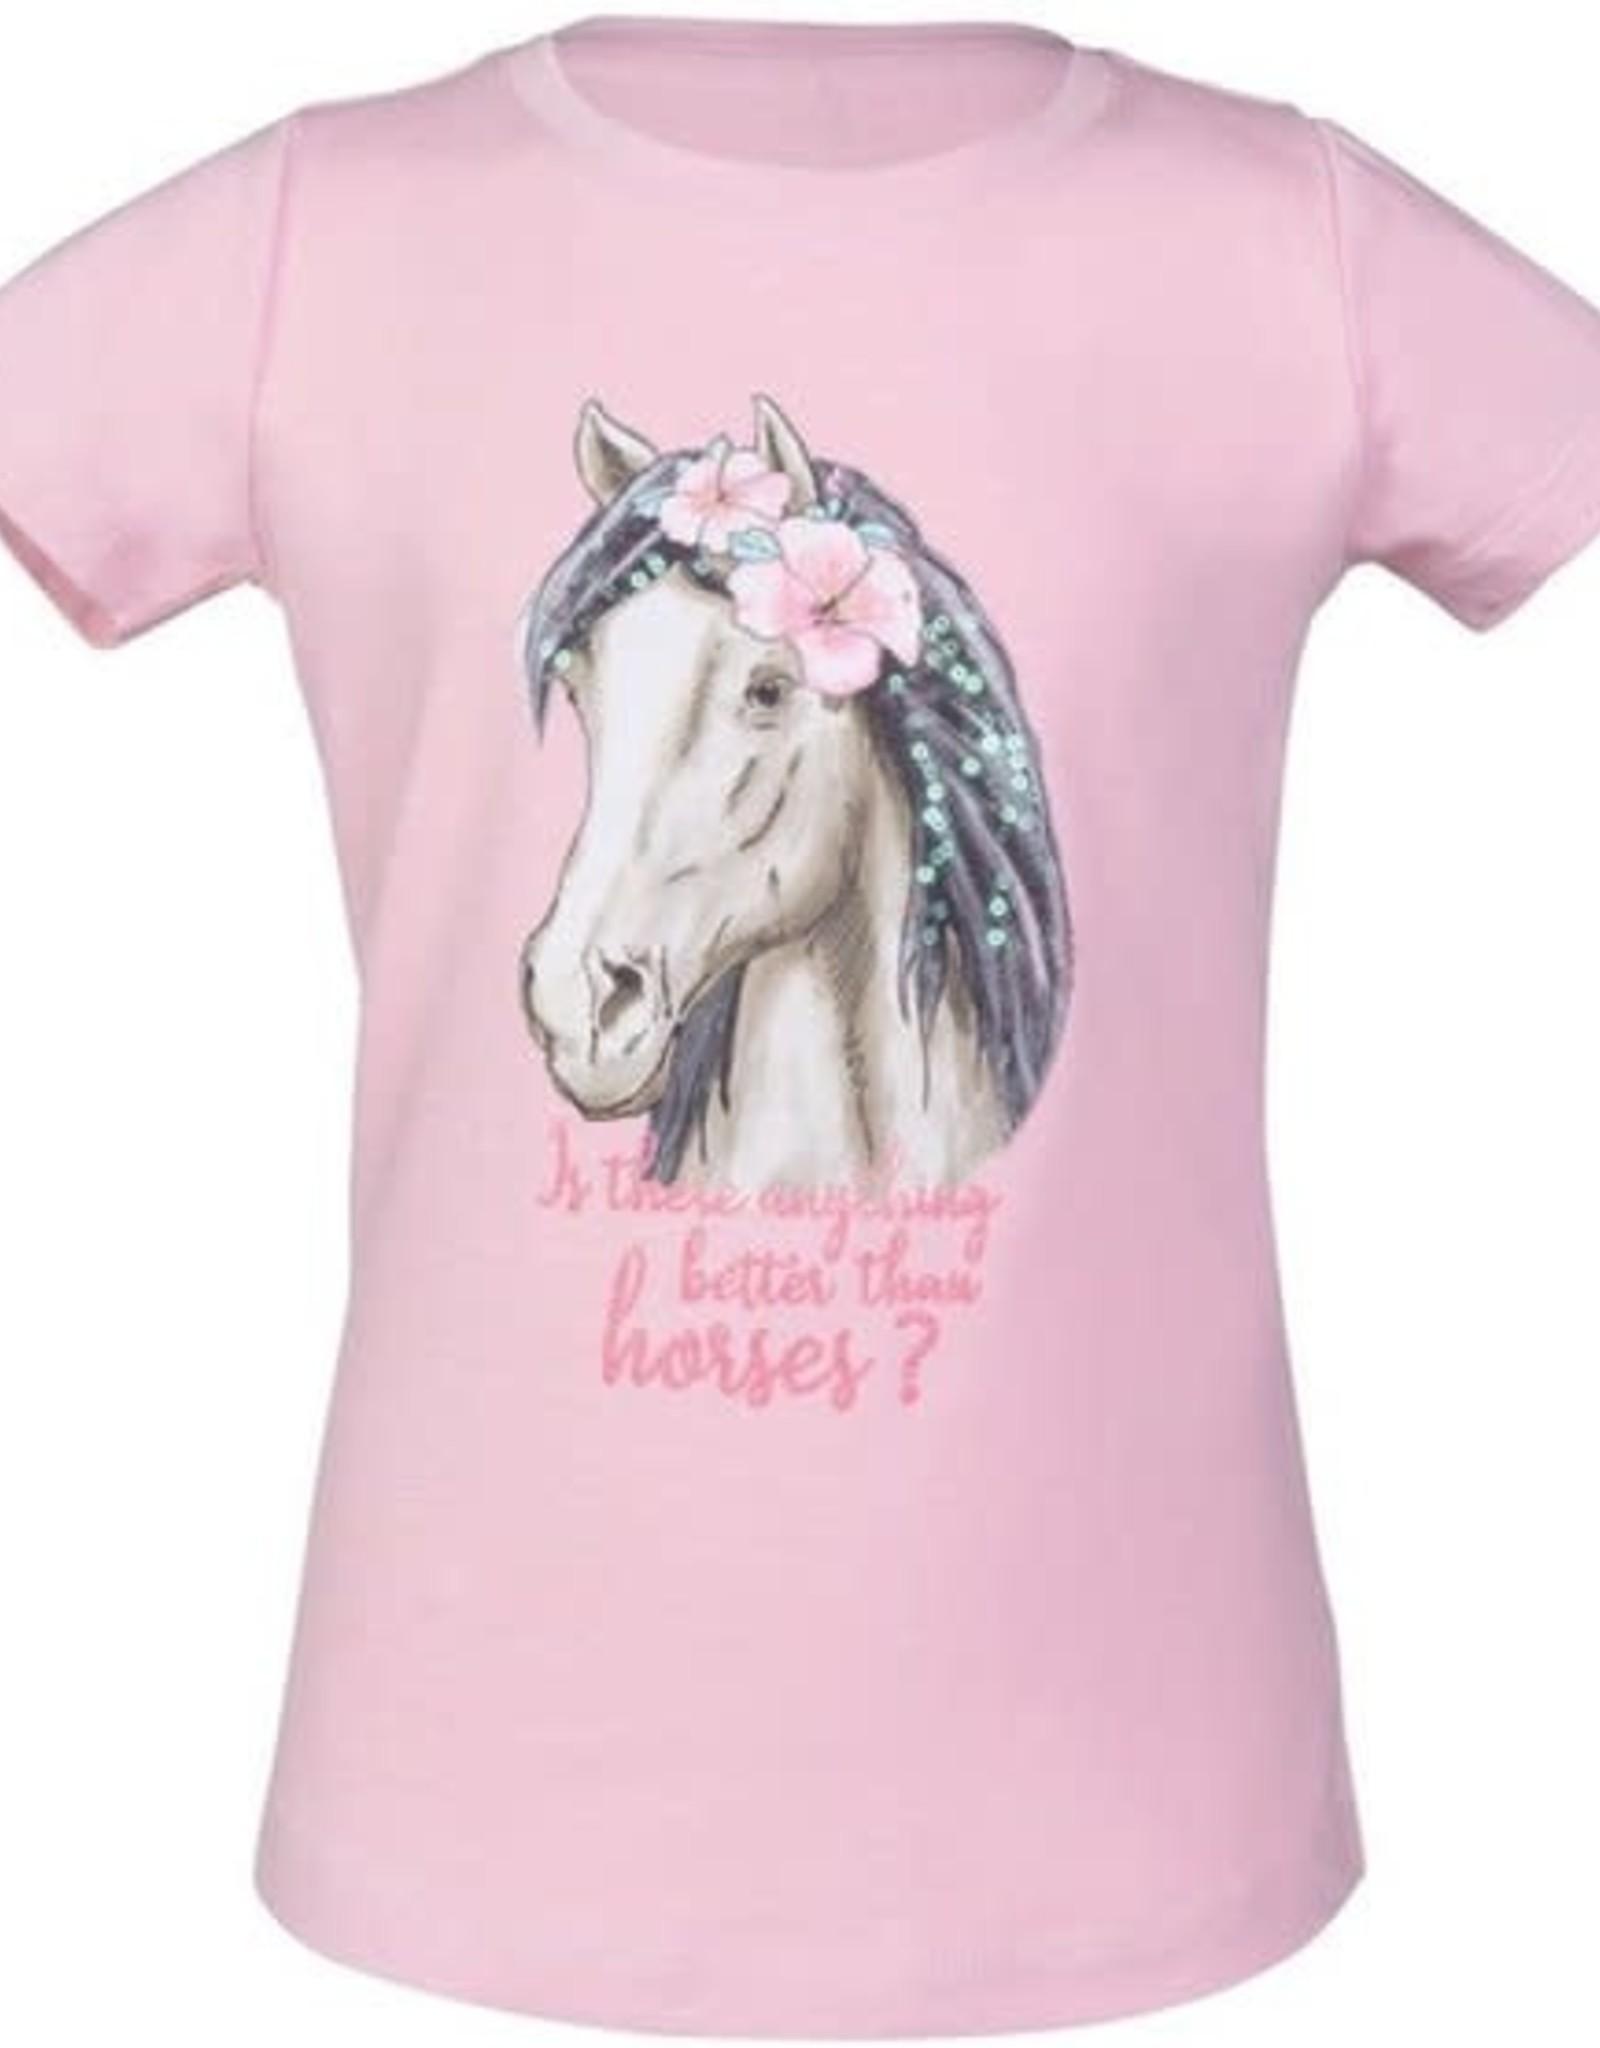 HKM T-Shirt Soft Pink Horse